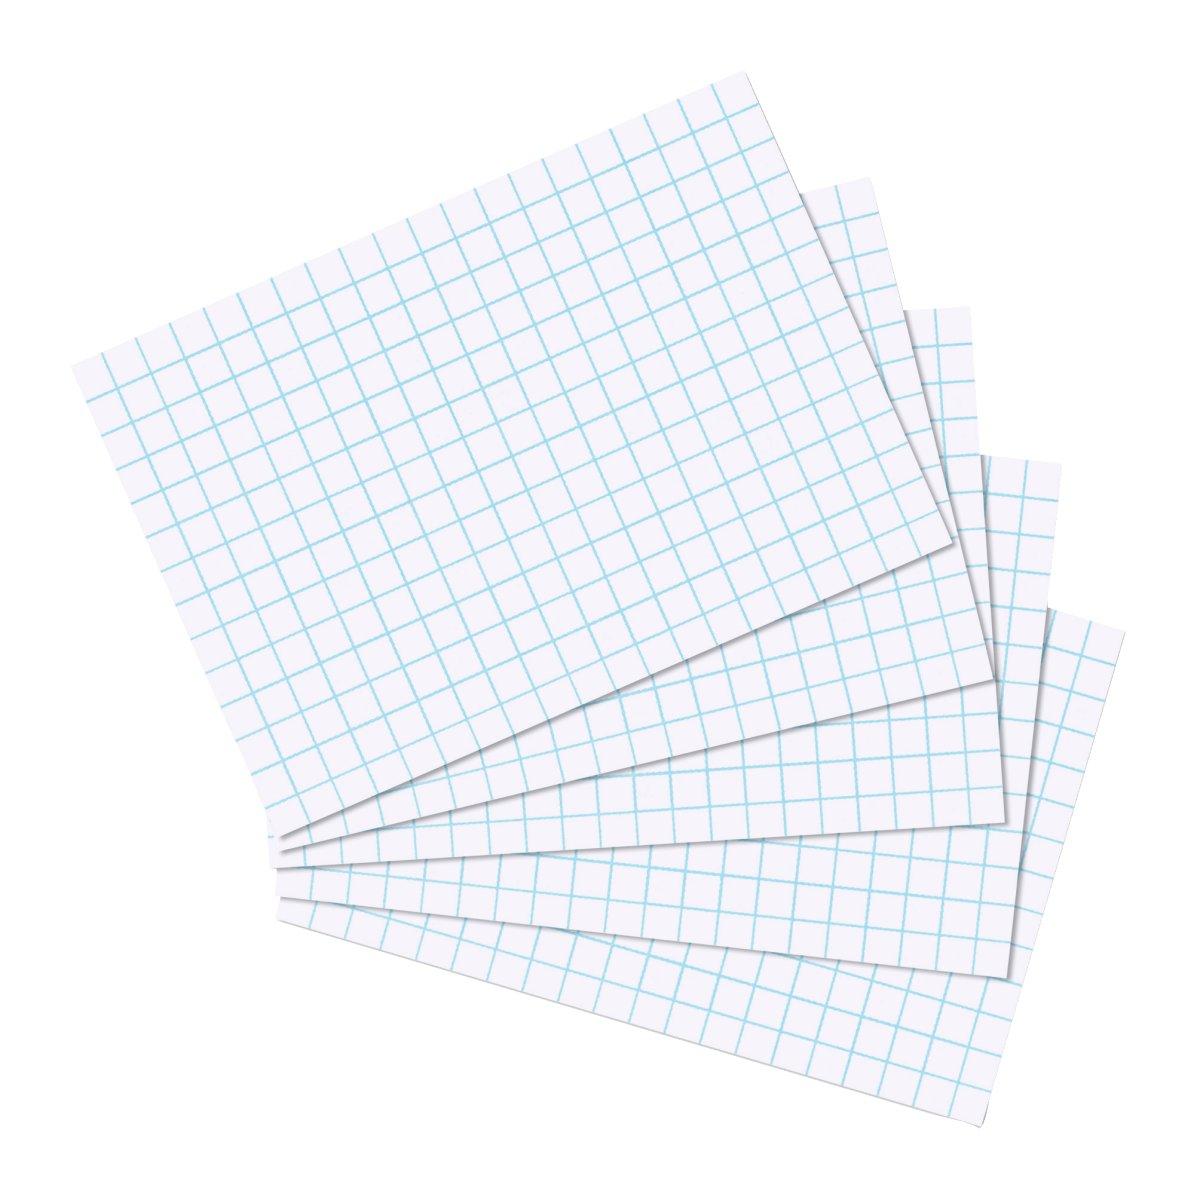 Vorschau: Herlitz 10621415 - Weiß - 100 Stück(e)